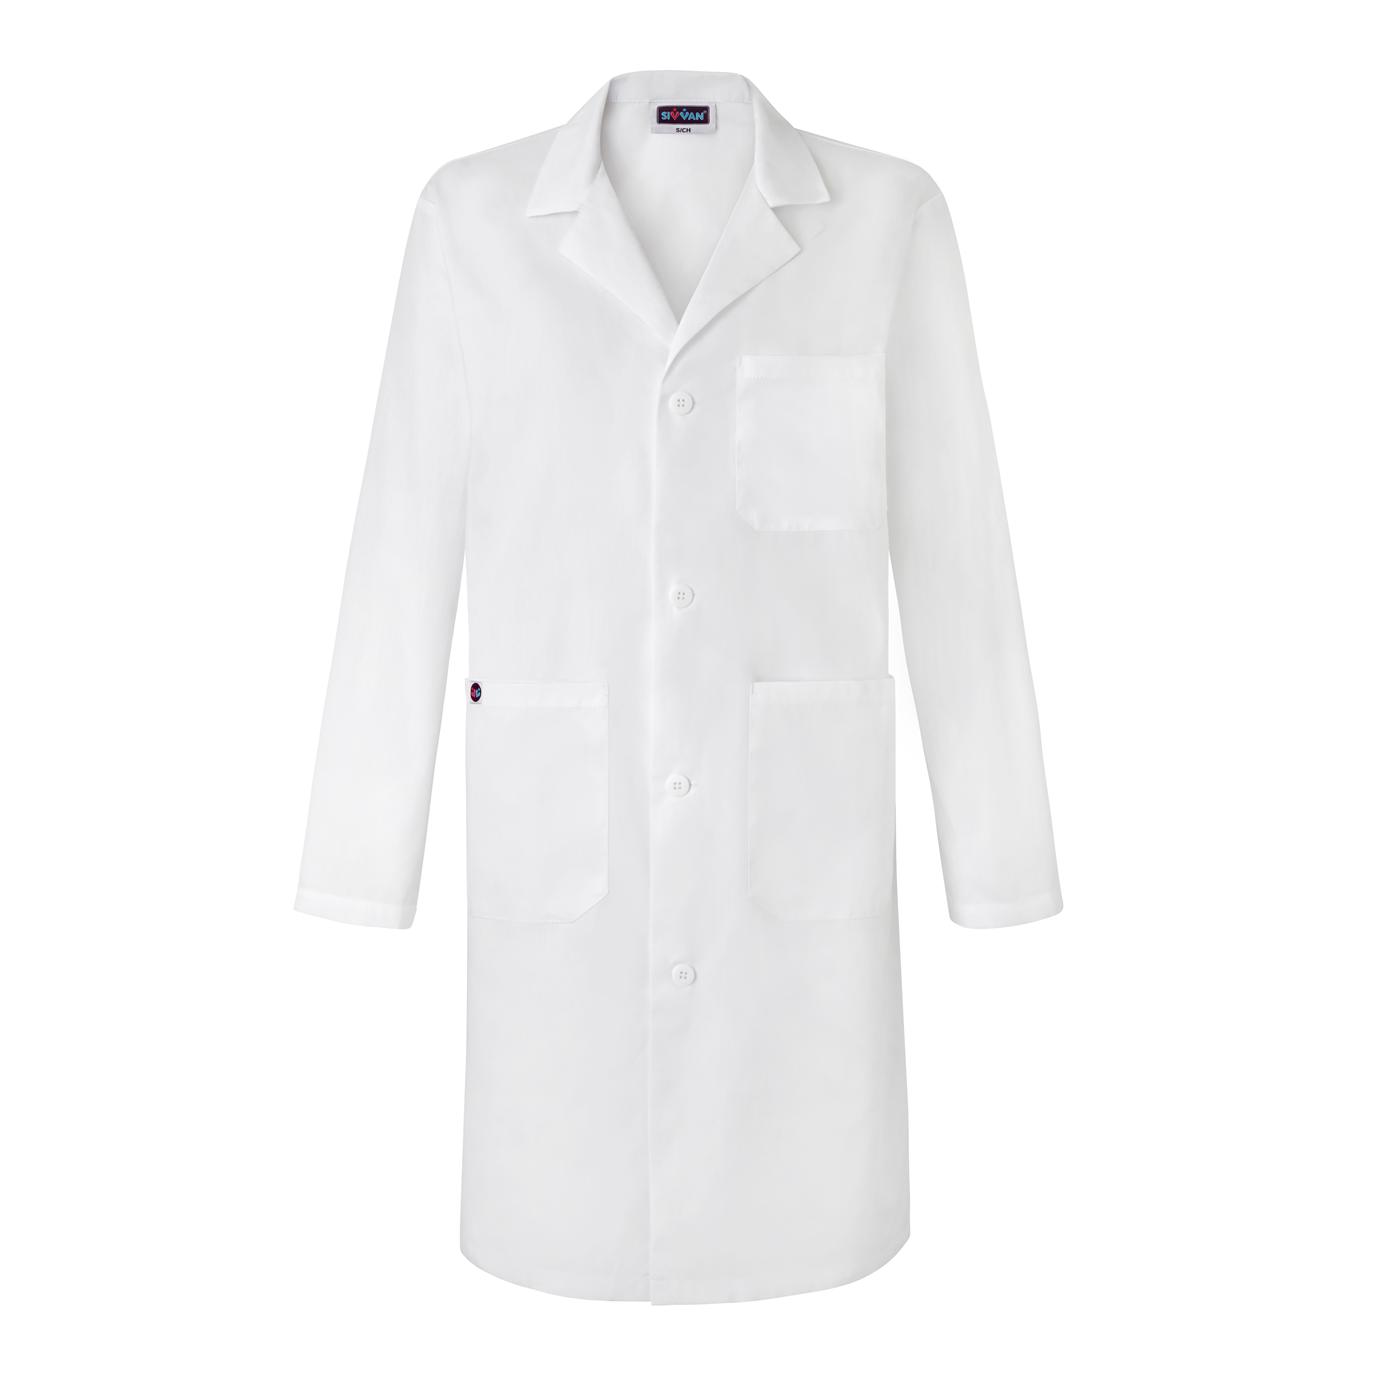 Unisex Large UltraSource Long Sleeve Smock//Lab Coat Black